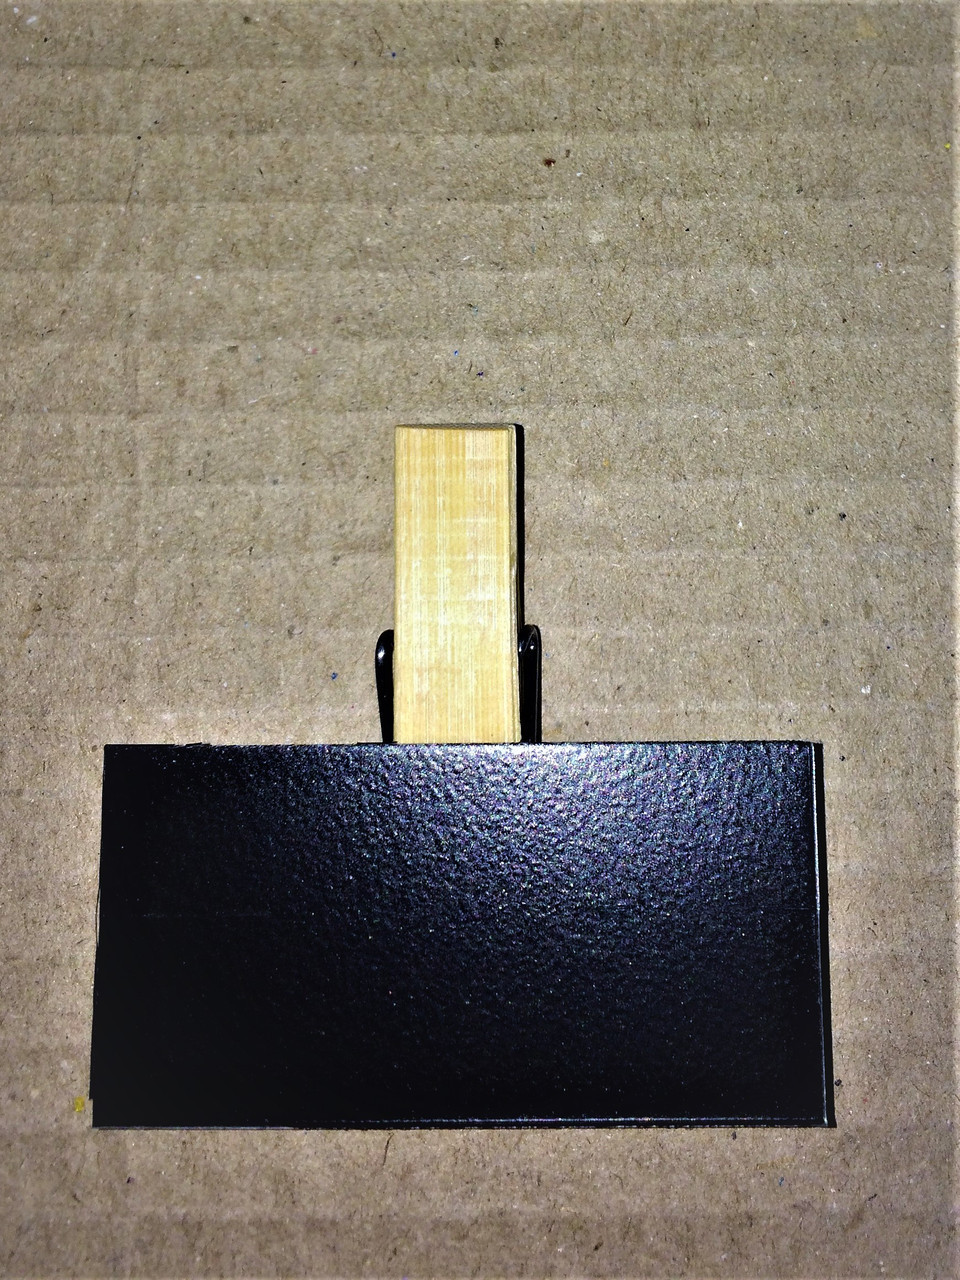 Ценник меловой 4х4 см на прищепке для мела и маркера. Грифельная табличка. Крейдовий цінник чорний